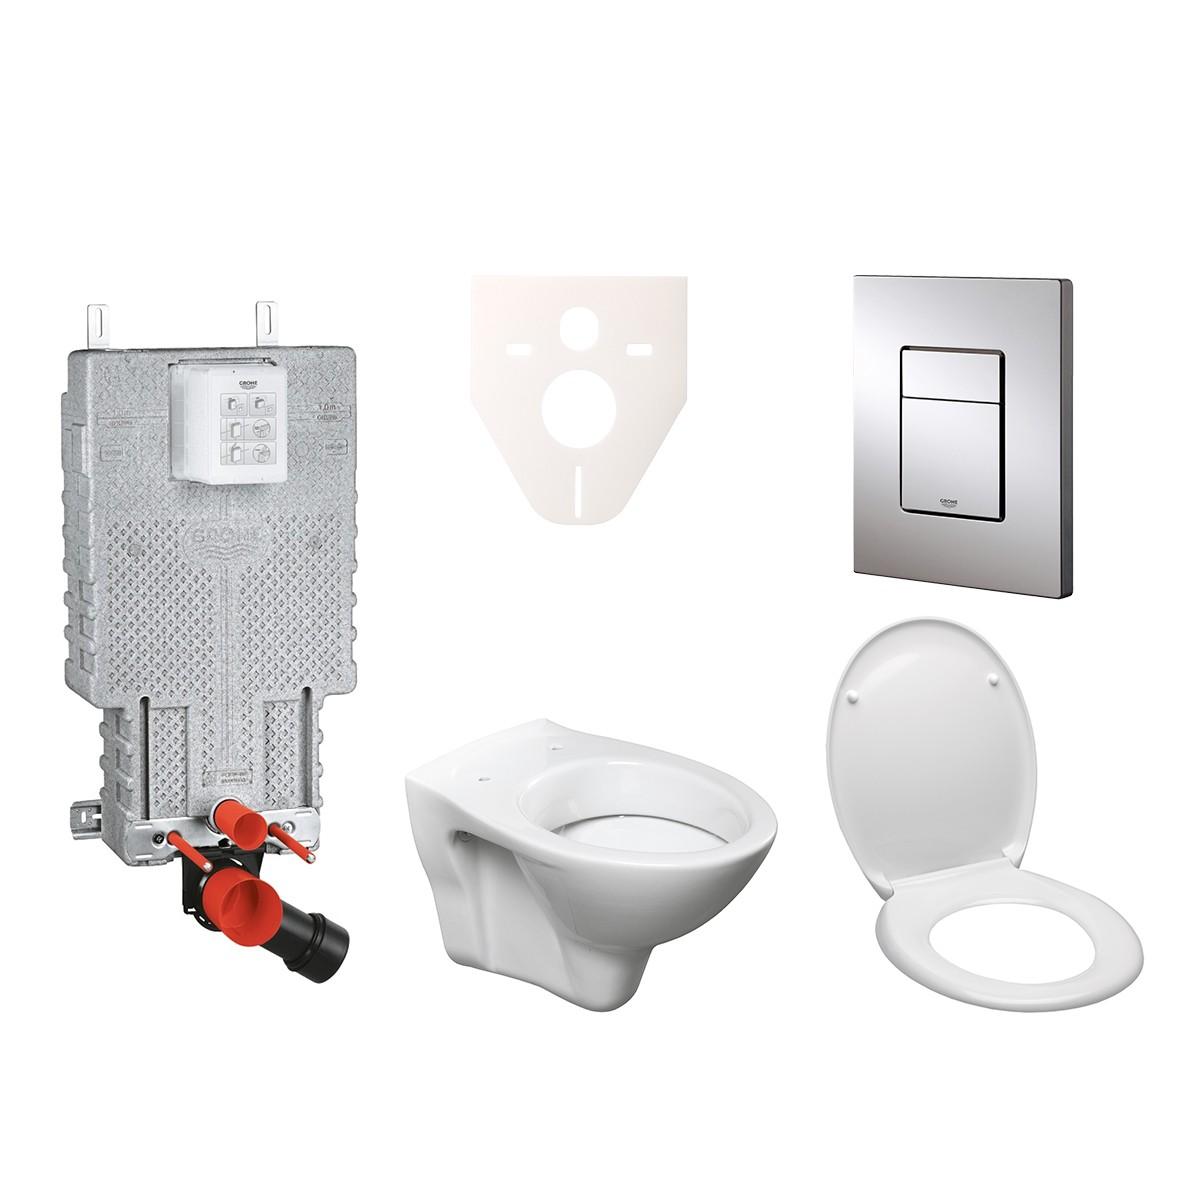 Závěsný set WC S-line + modul Grohe Uniset s tlačítkem Grohe Cosmo (chrom) 38643SET-KD